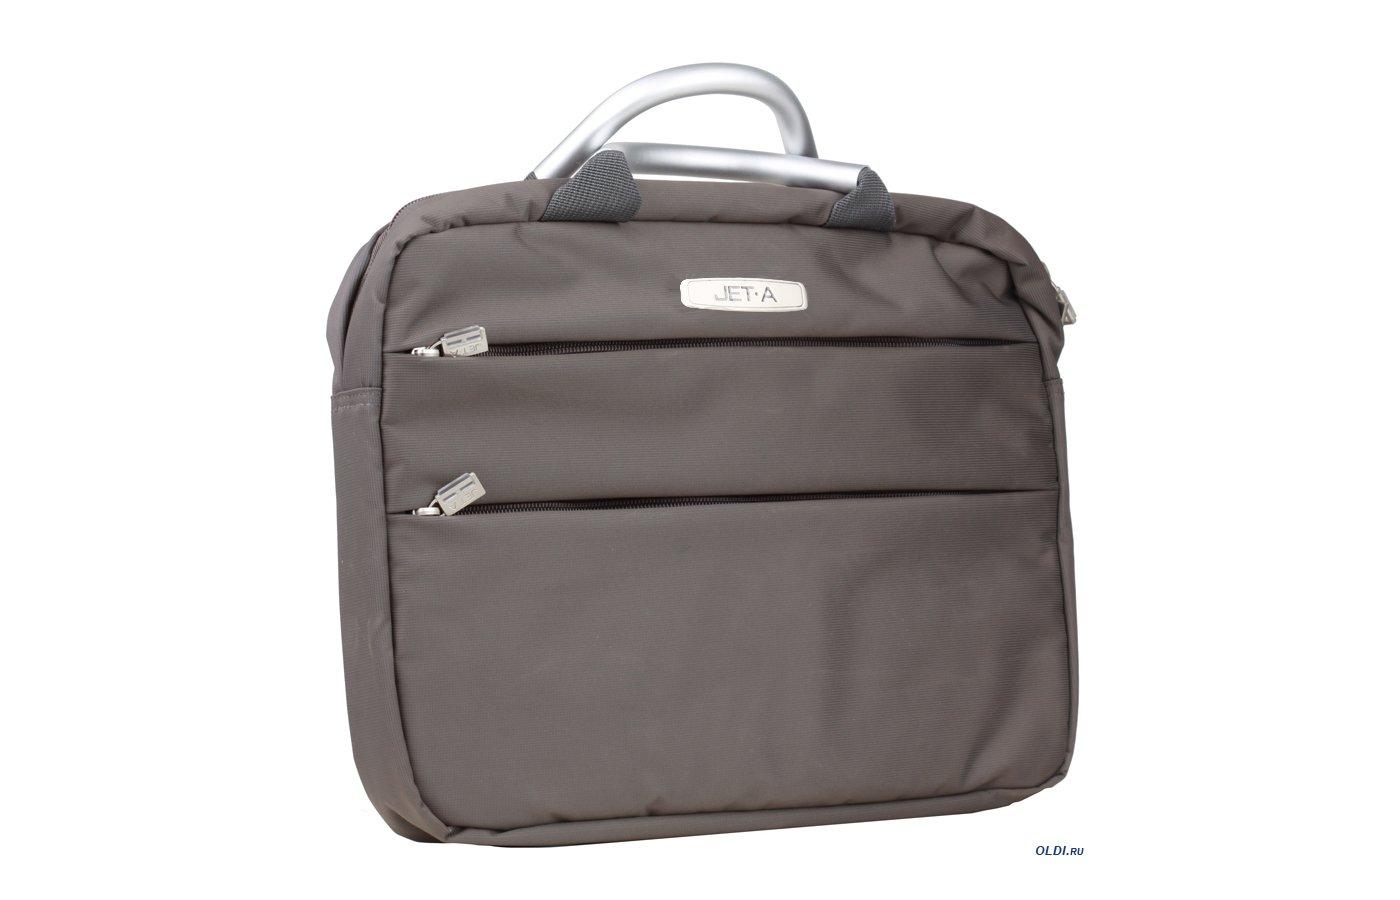 Кейс для ноутбука Jet.A LB13-04 до 13,3 (Серый, качественный нейлон/полиэстер, современный дизайн, SIZE 370x35x280мм)